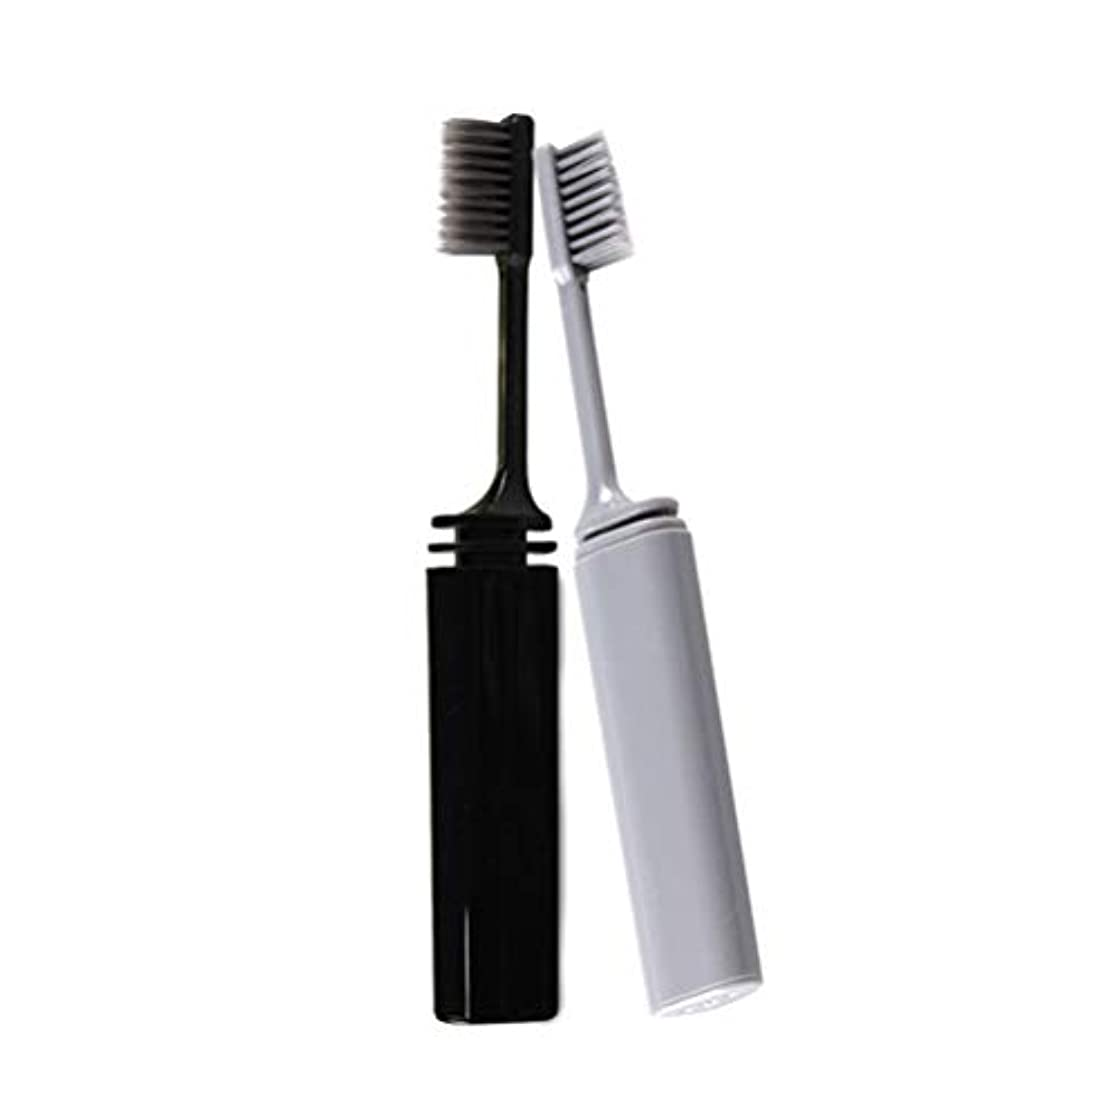 安全でない請求浸したHealifty 旅行用携帯用歯ブラシ折りたたみ竹炭歯ブラシ2本(グレー+ブラック)